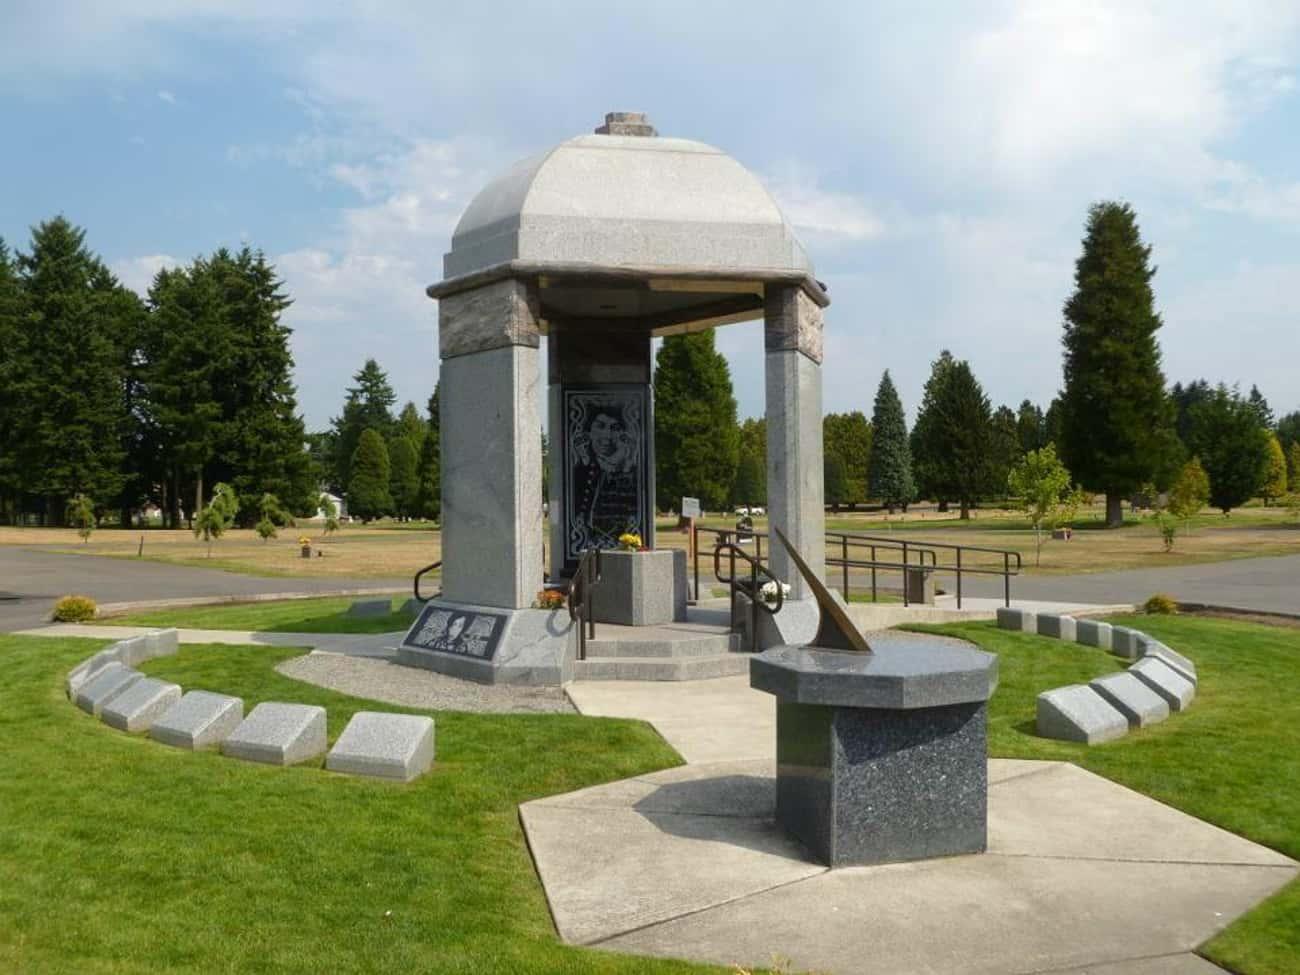 Jimi Hendrix's Grave - Renton, WA